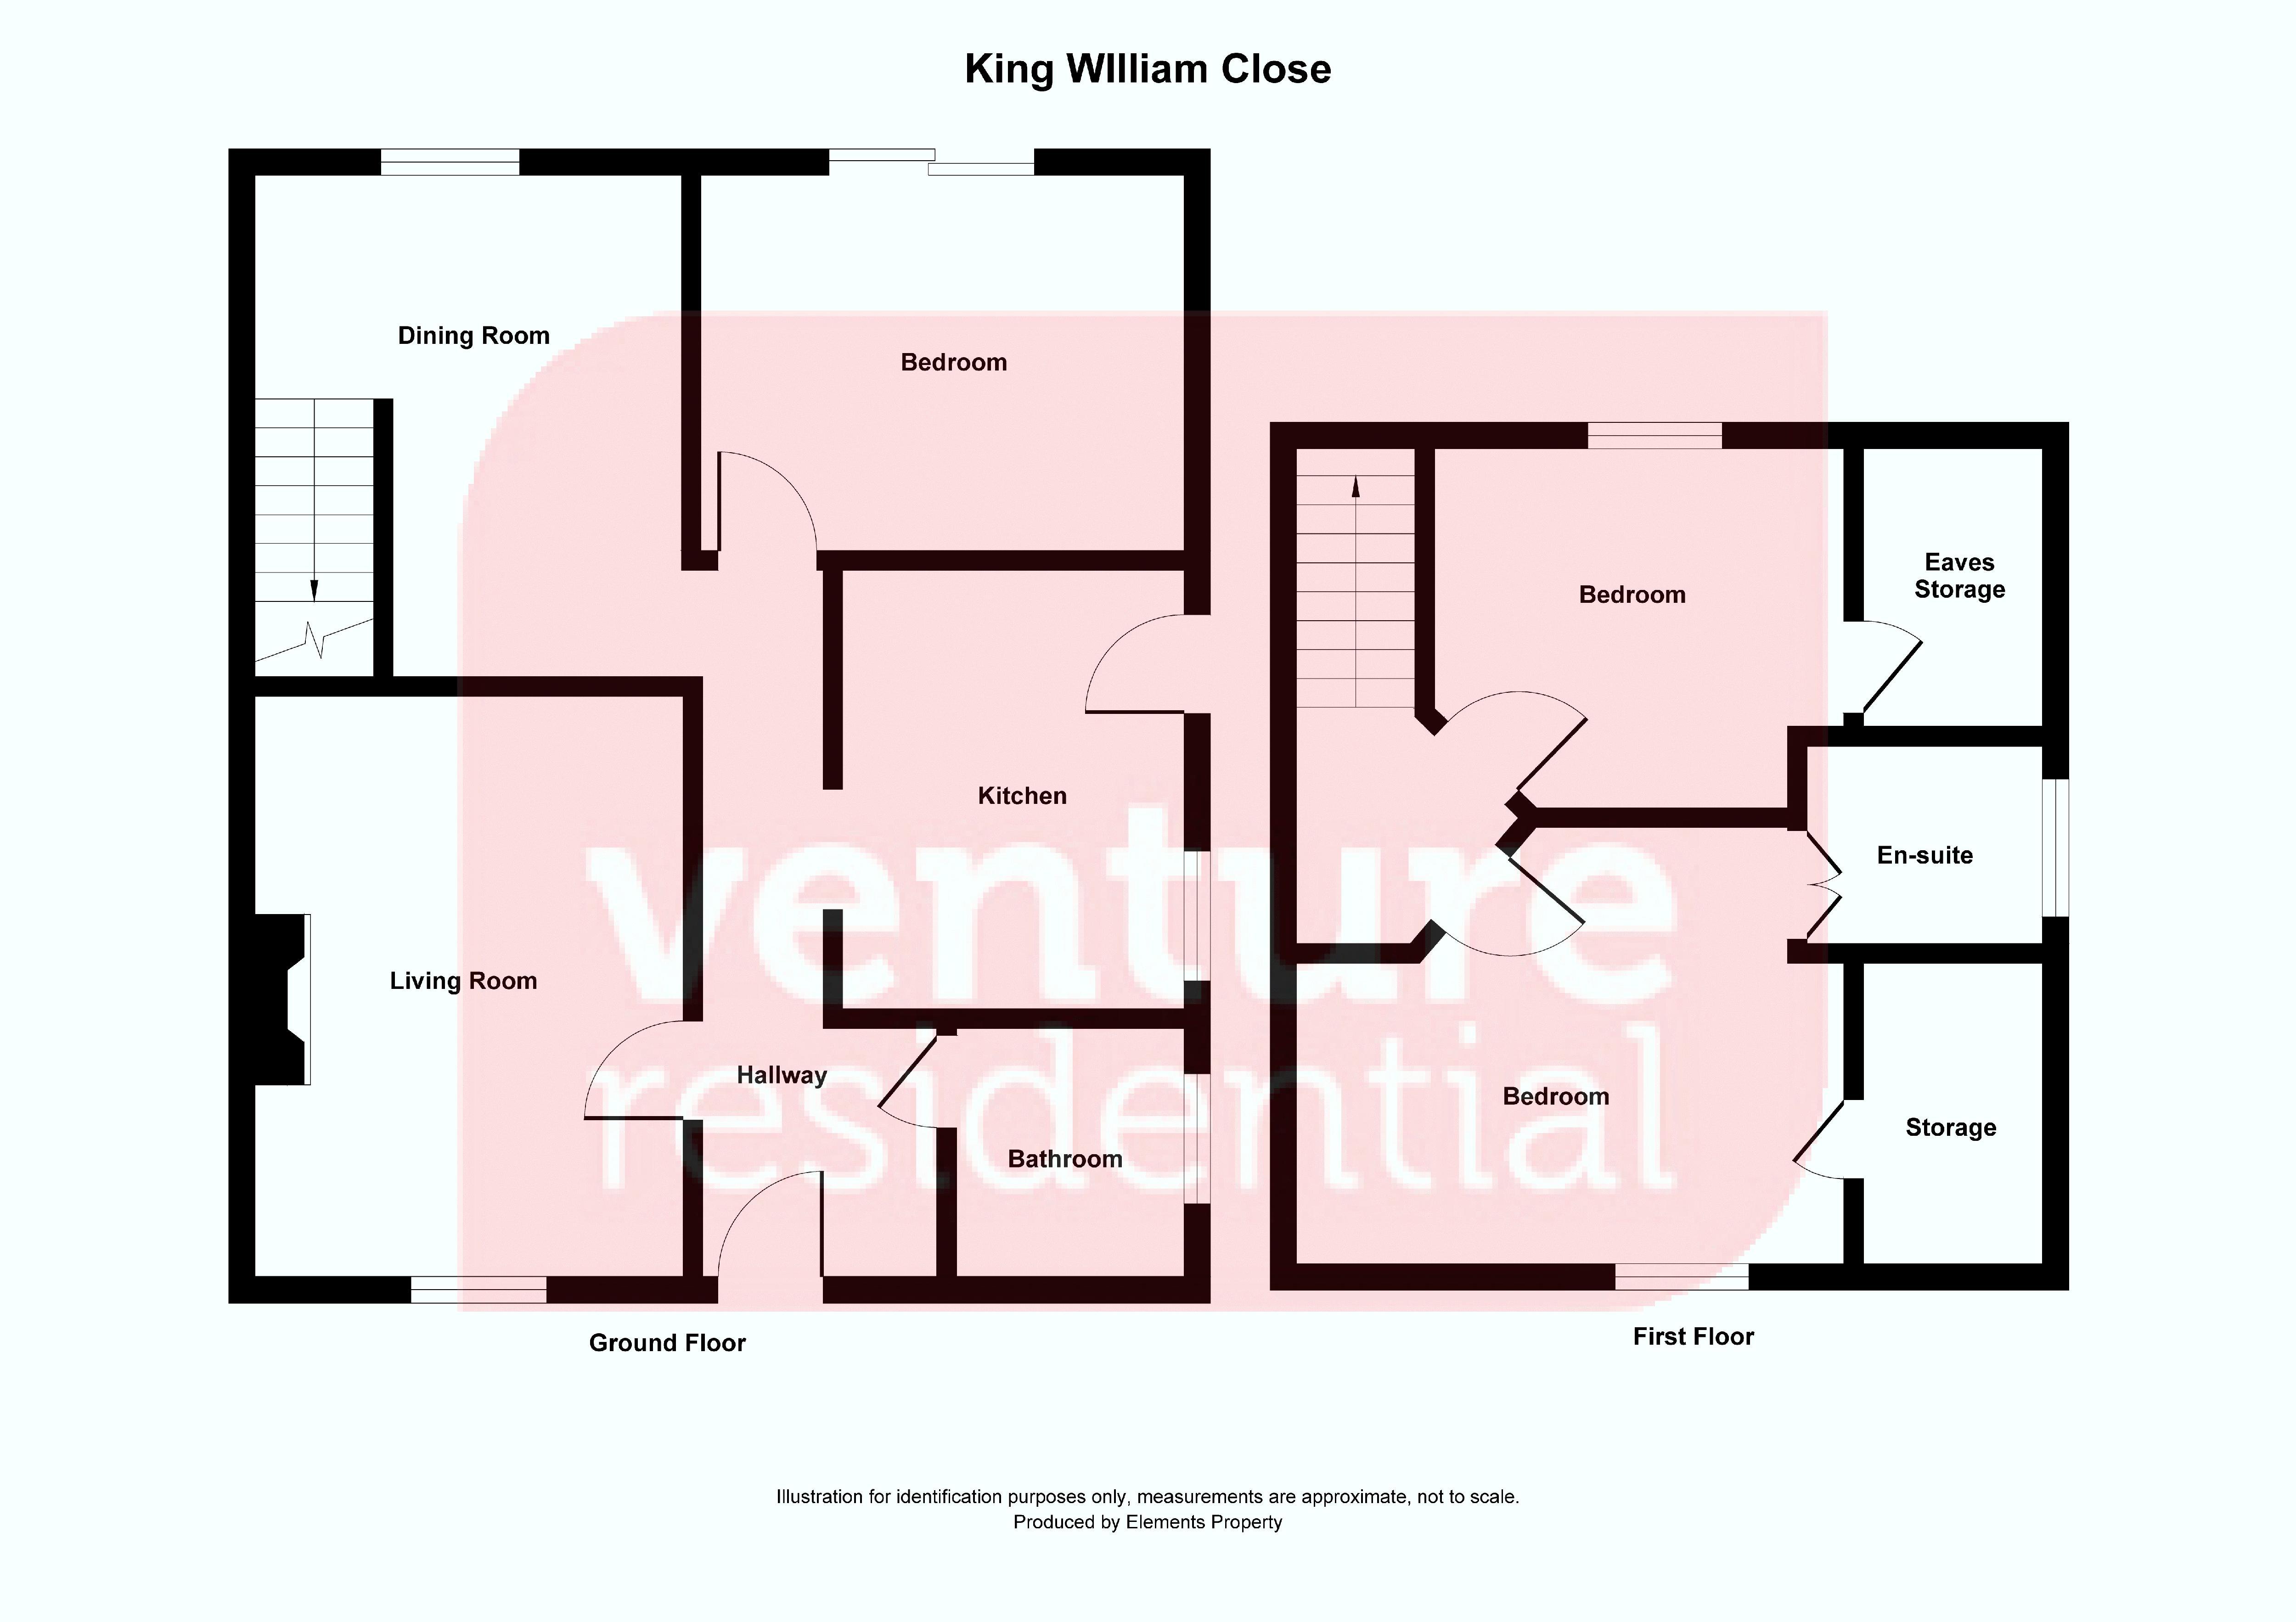 King William Close